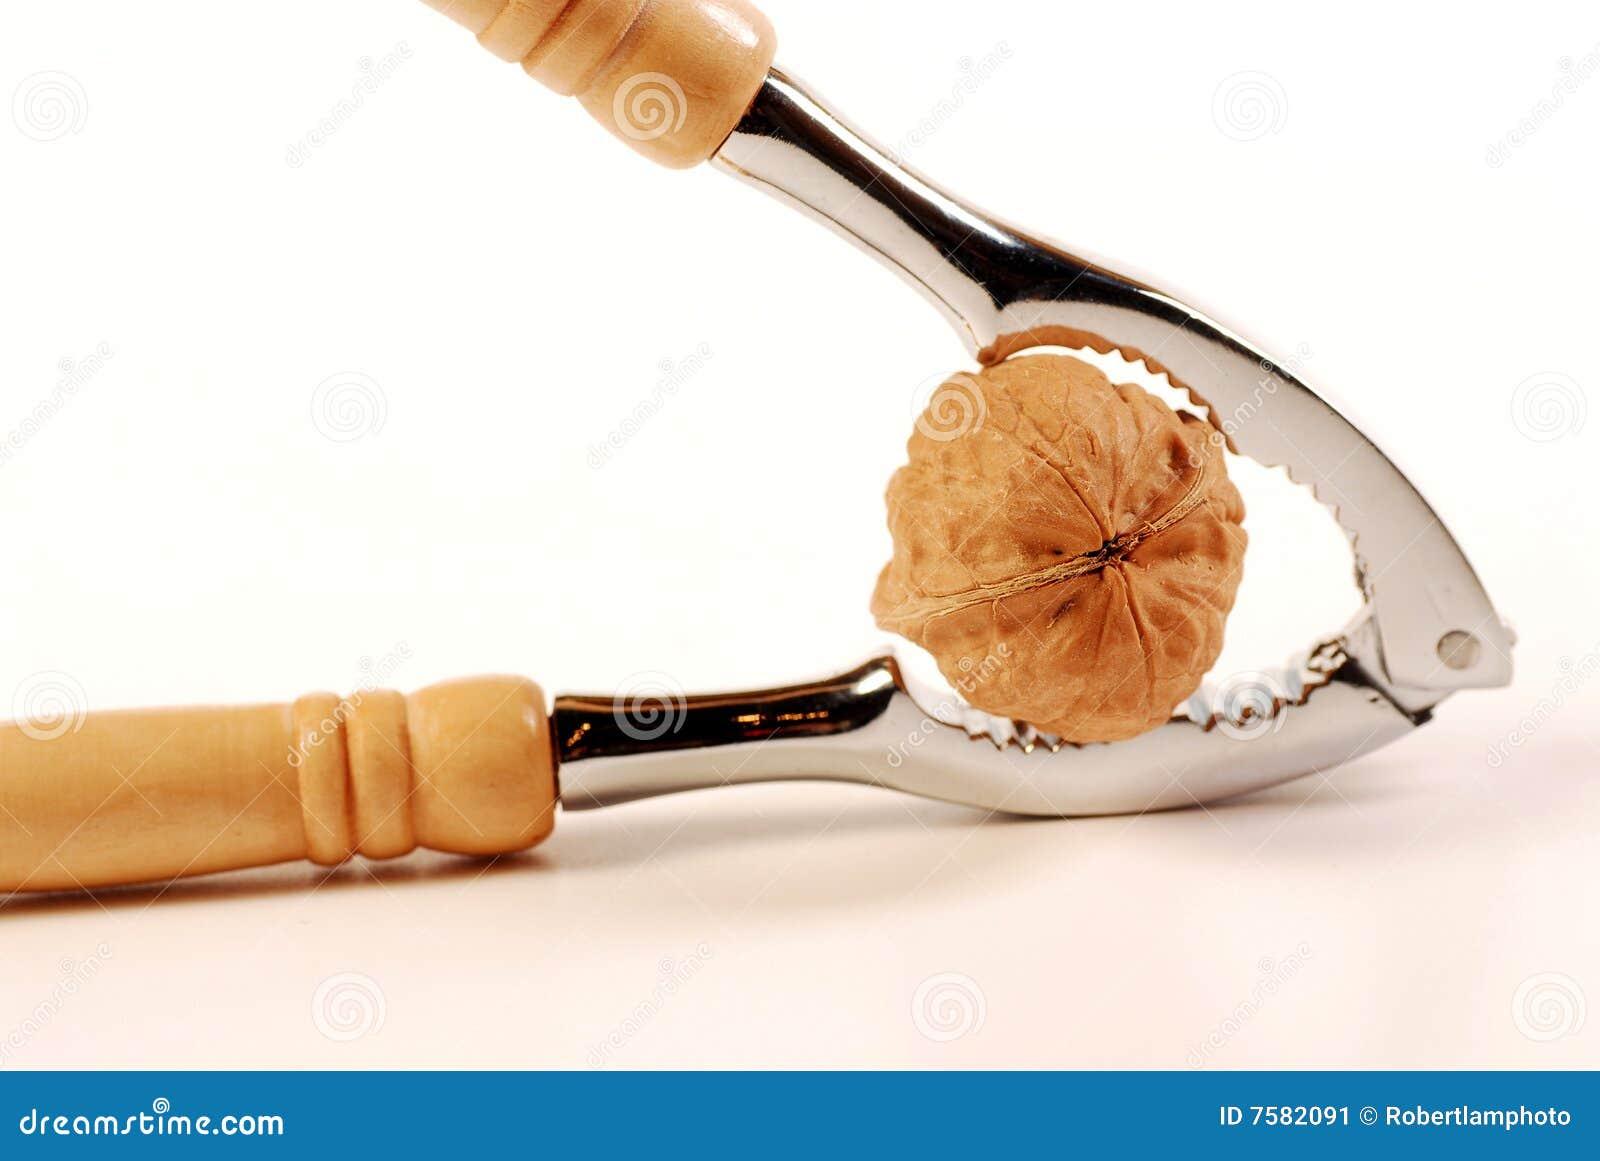 Walnut Stock Image - Image: 7582091